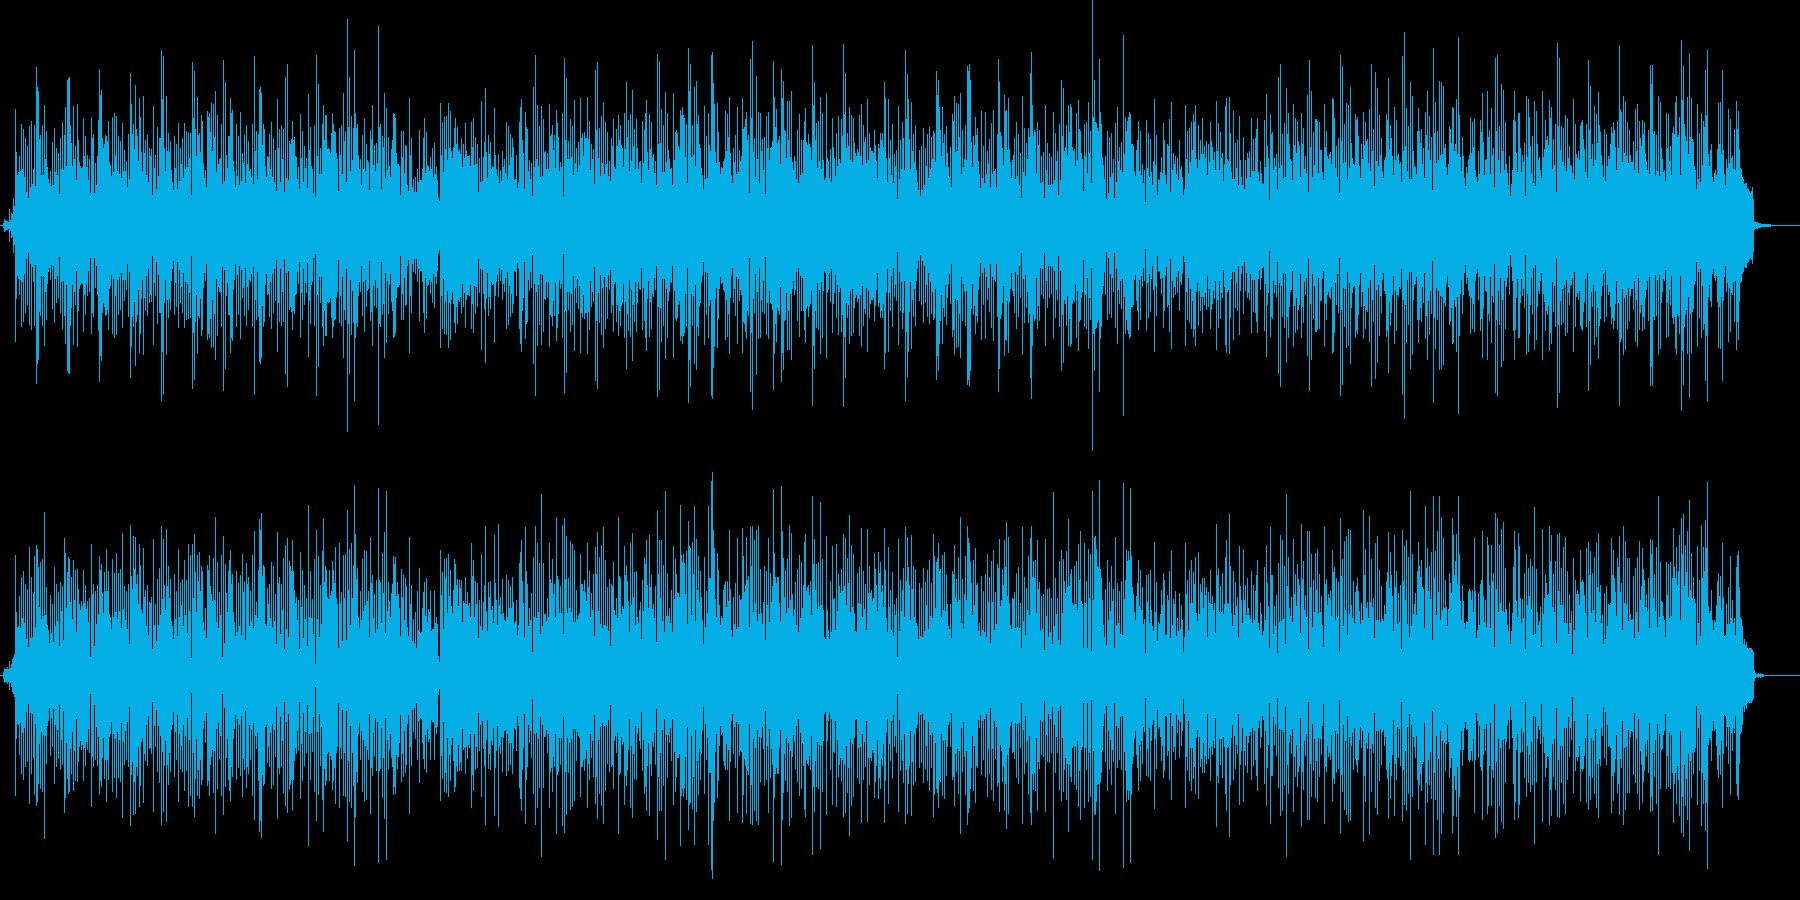 涼やかなボサノバ、さわやかなBGMの再生済みの波形